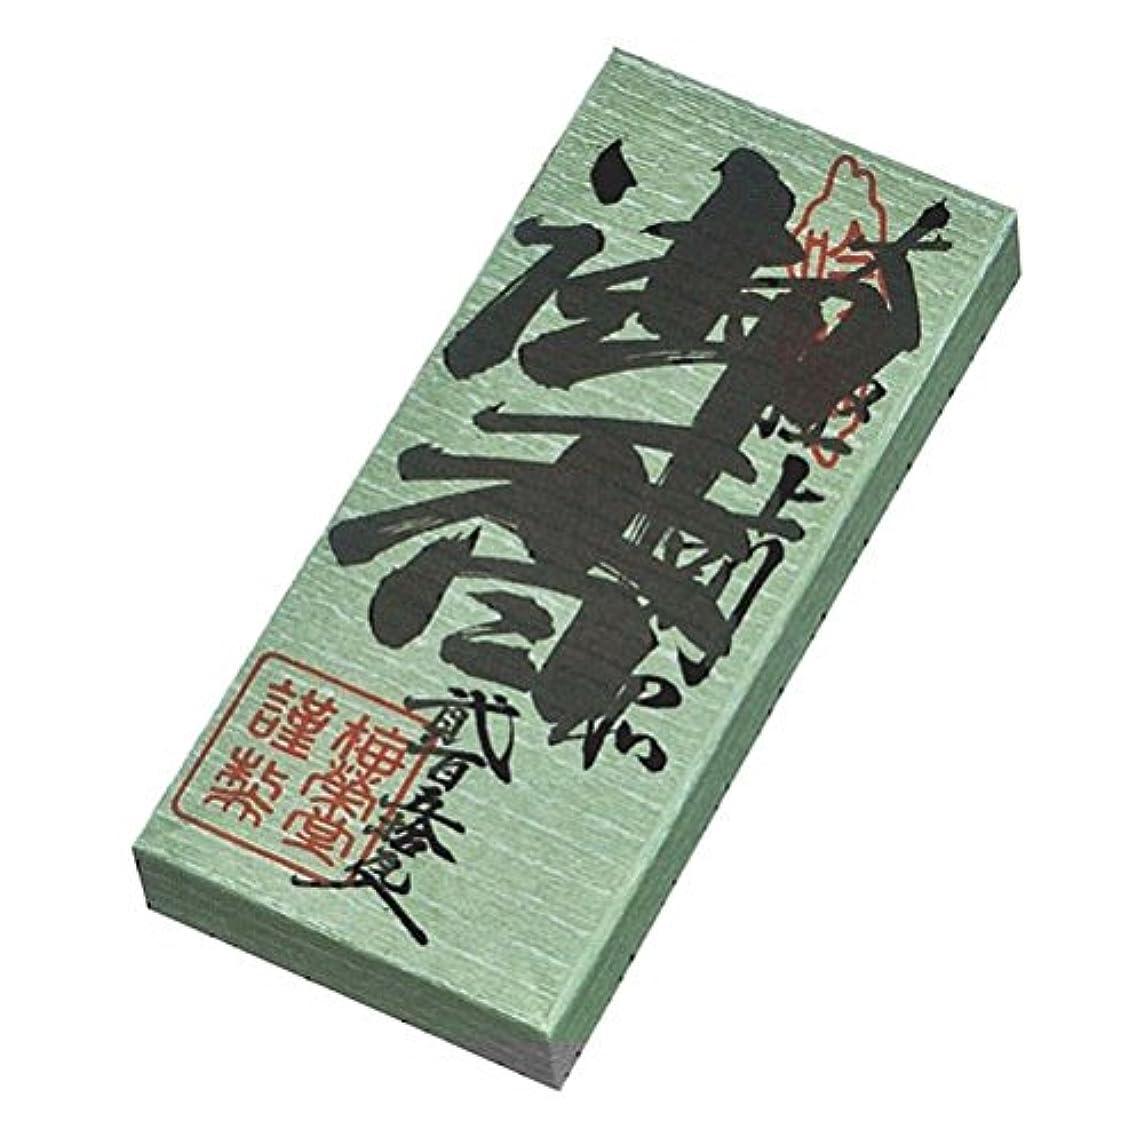 フォロー散文メッセンジャー梅檀印 250g 紙箱入り お焼香 梅栄堂